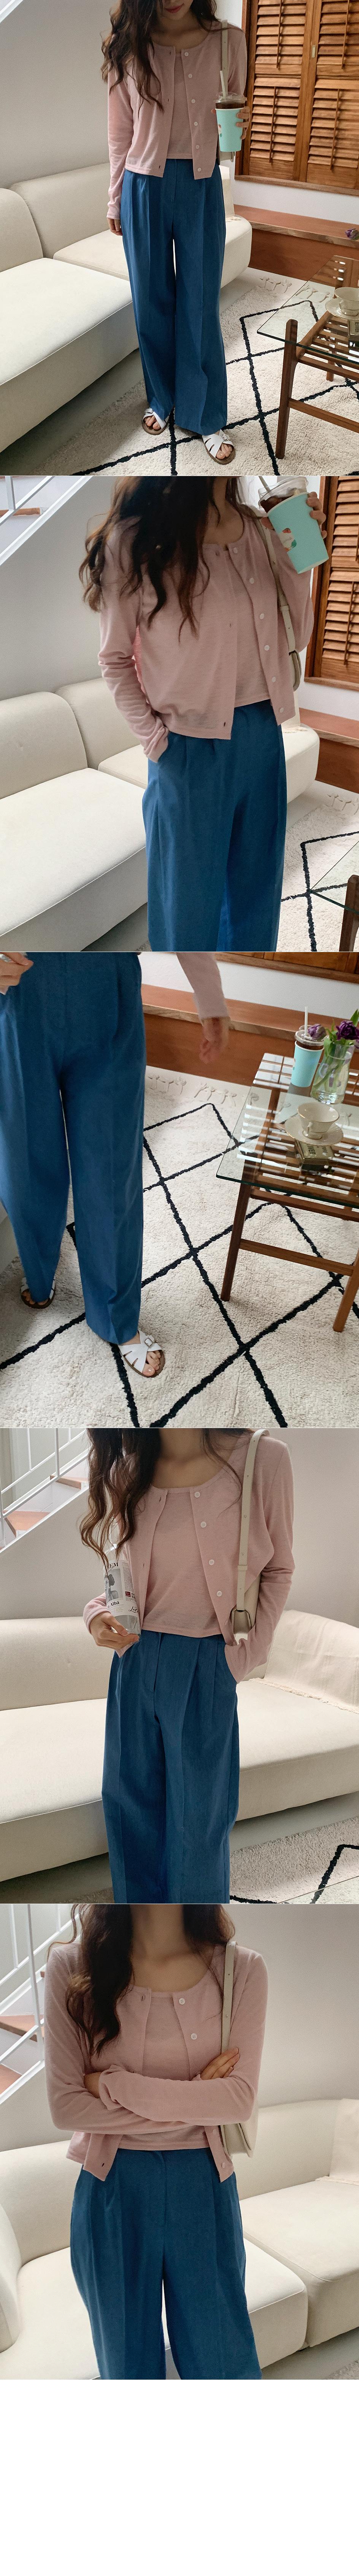 Featured denim slacks